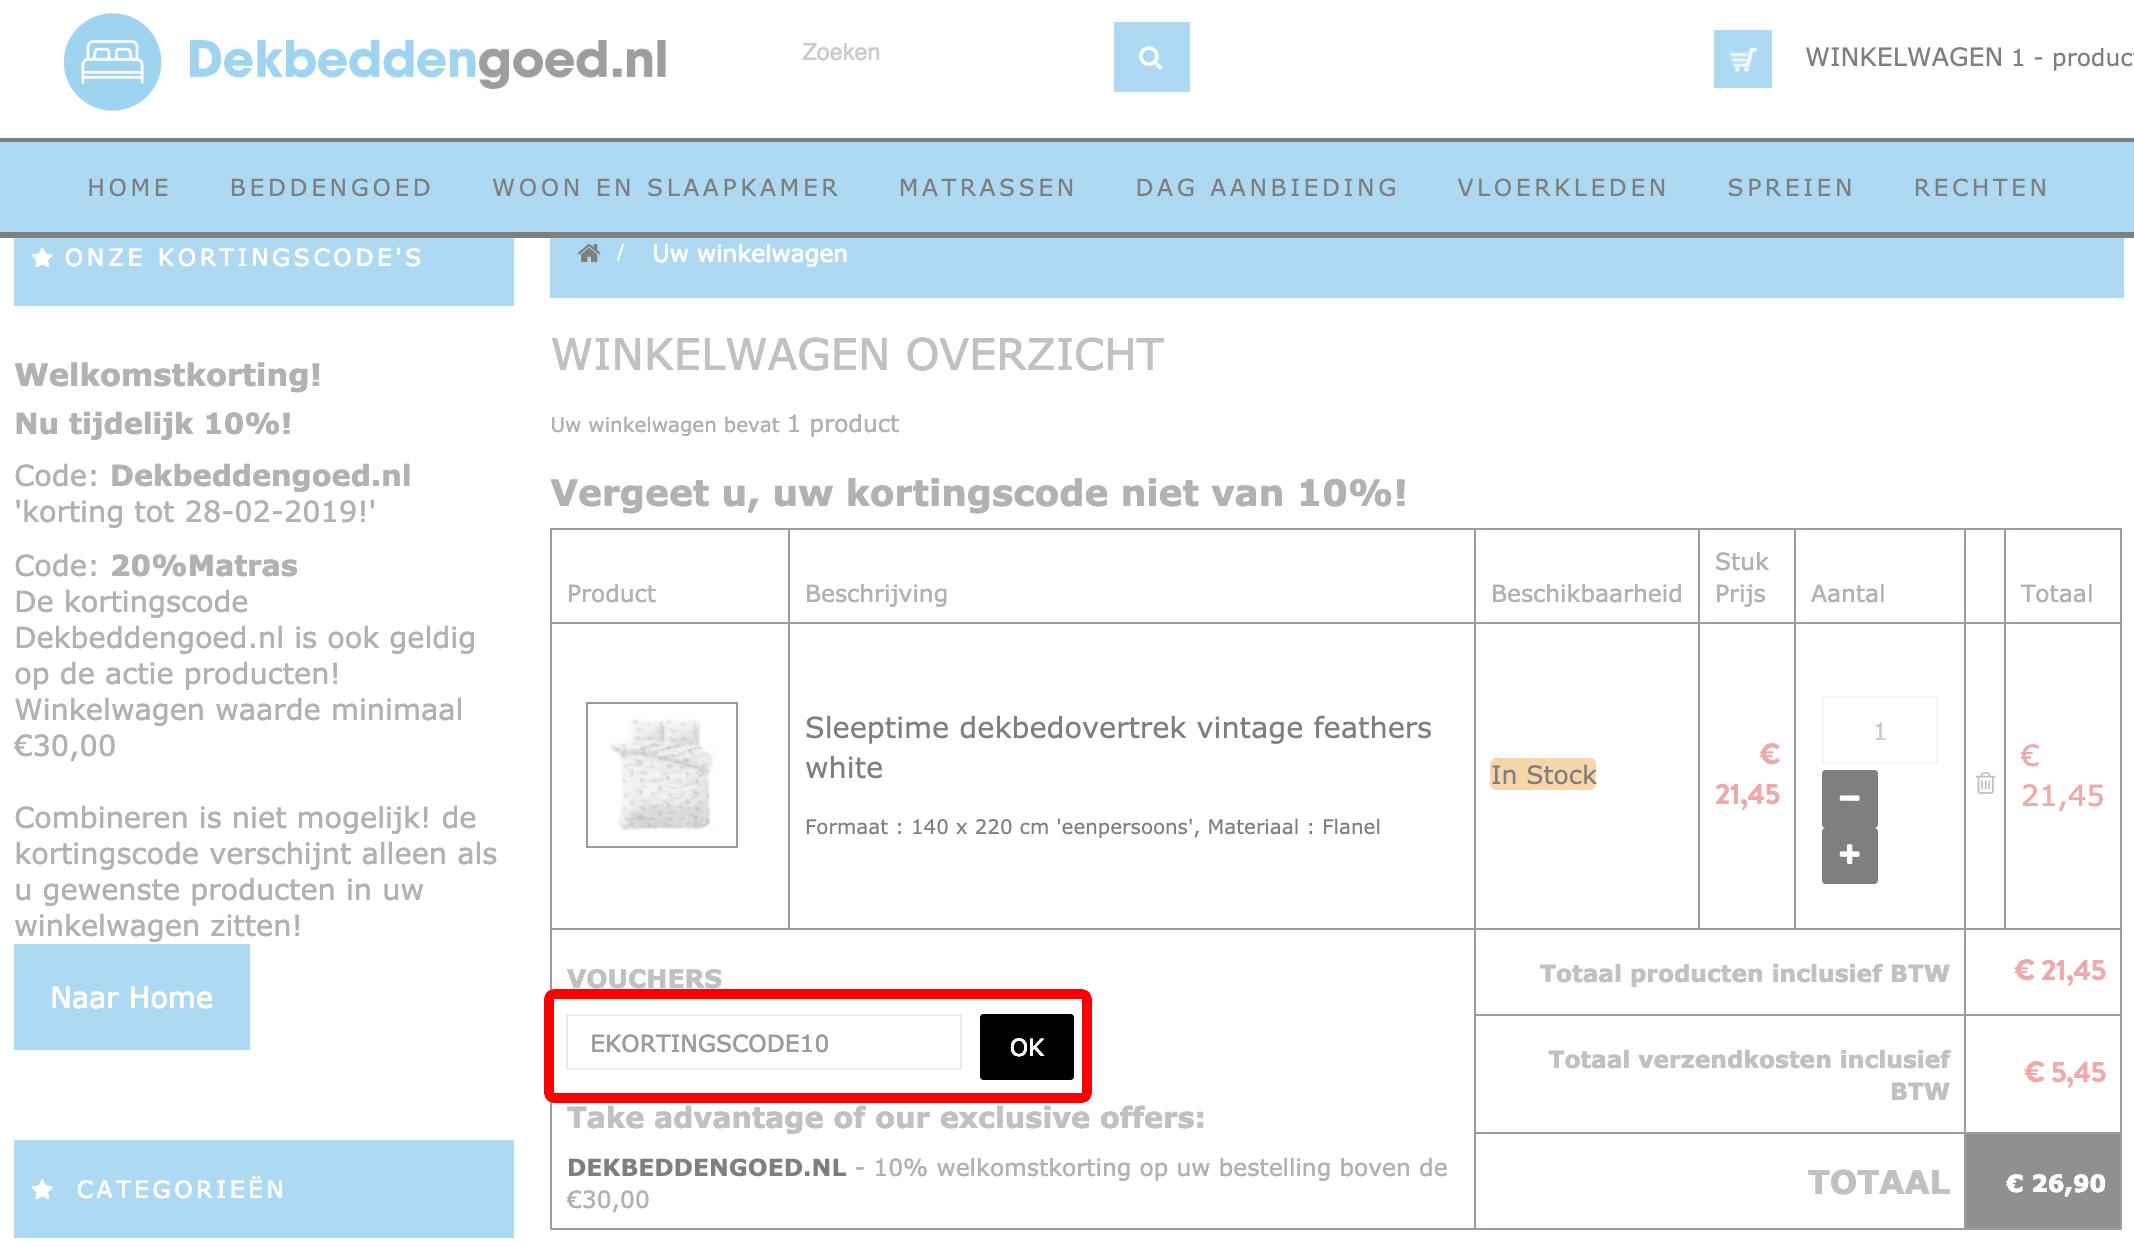 Dekbeddengoed.nl kortingscode gebruiken